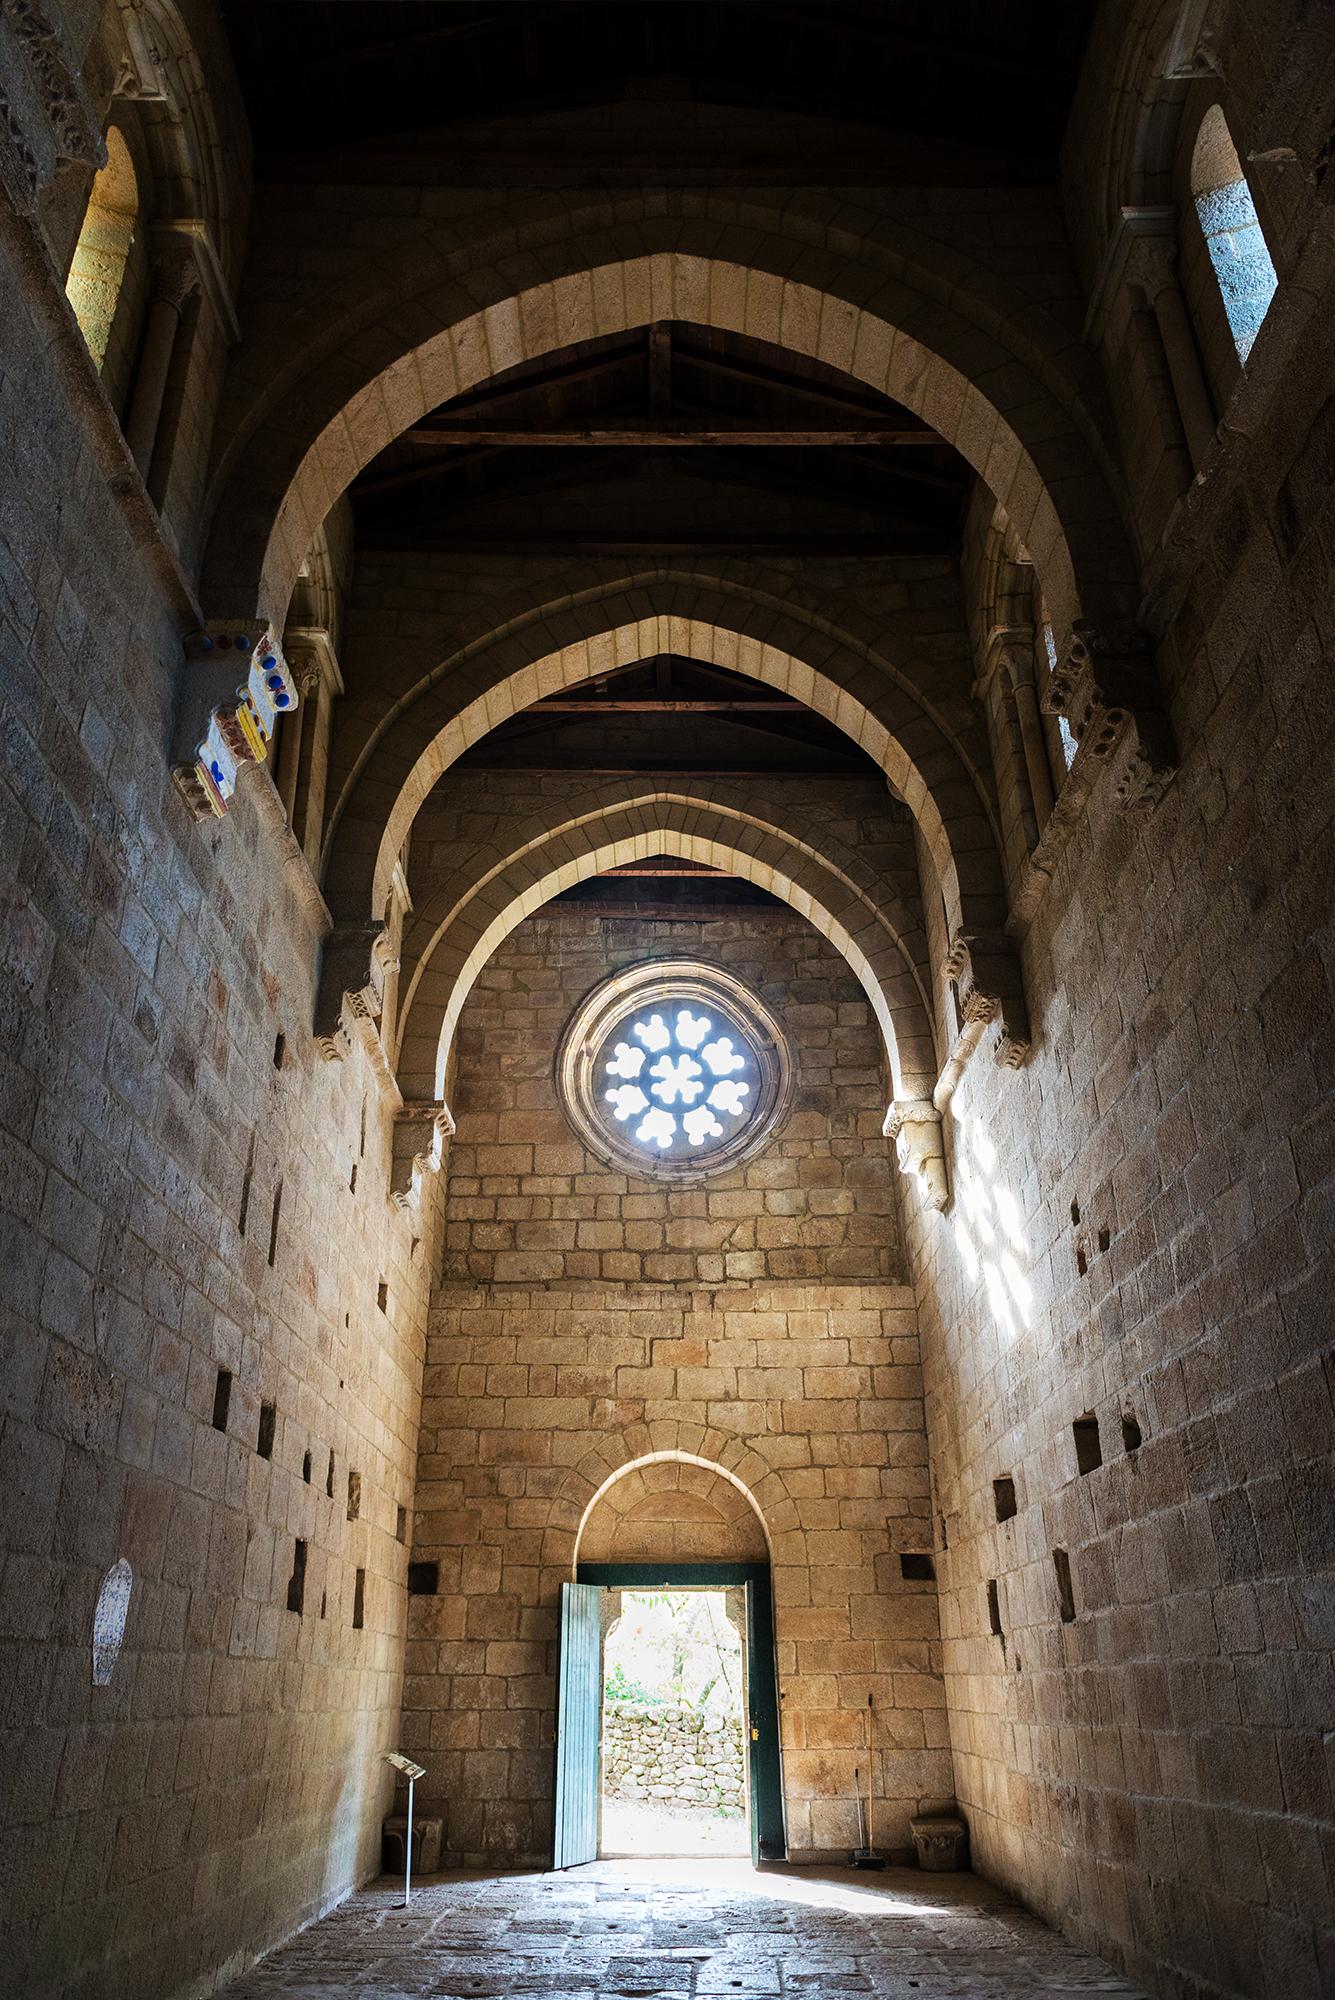 Inside view of the Romanesque Monastery of Santa Cristina de Ribas de Sil